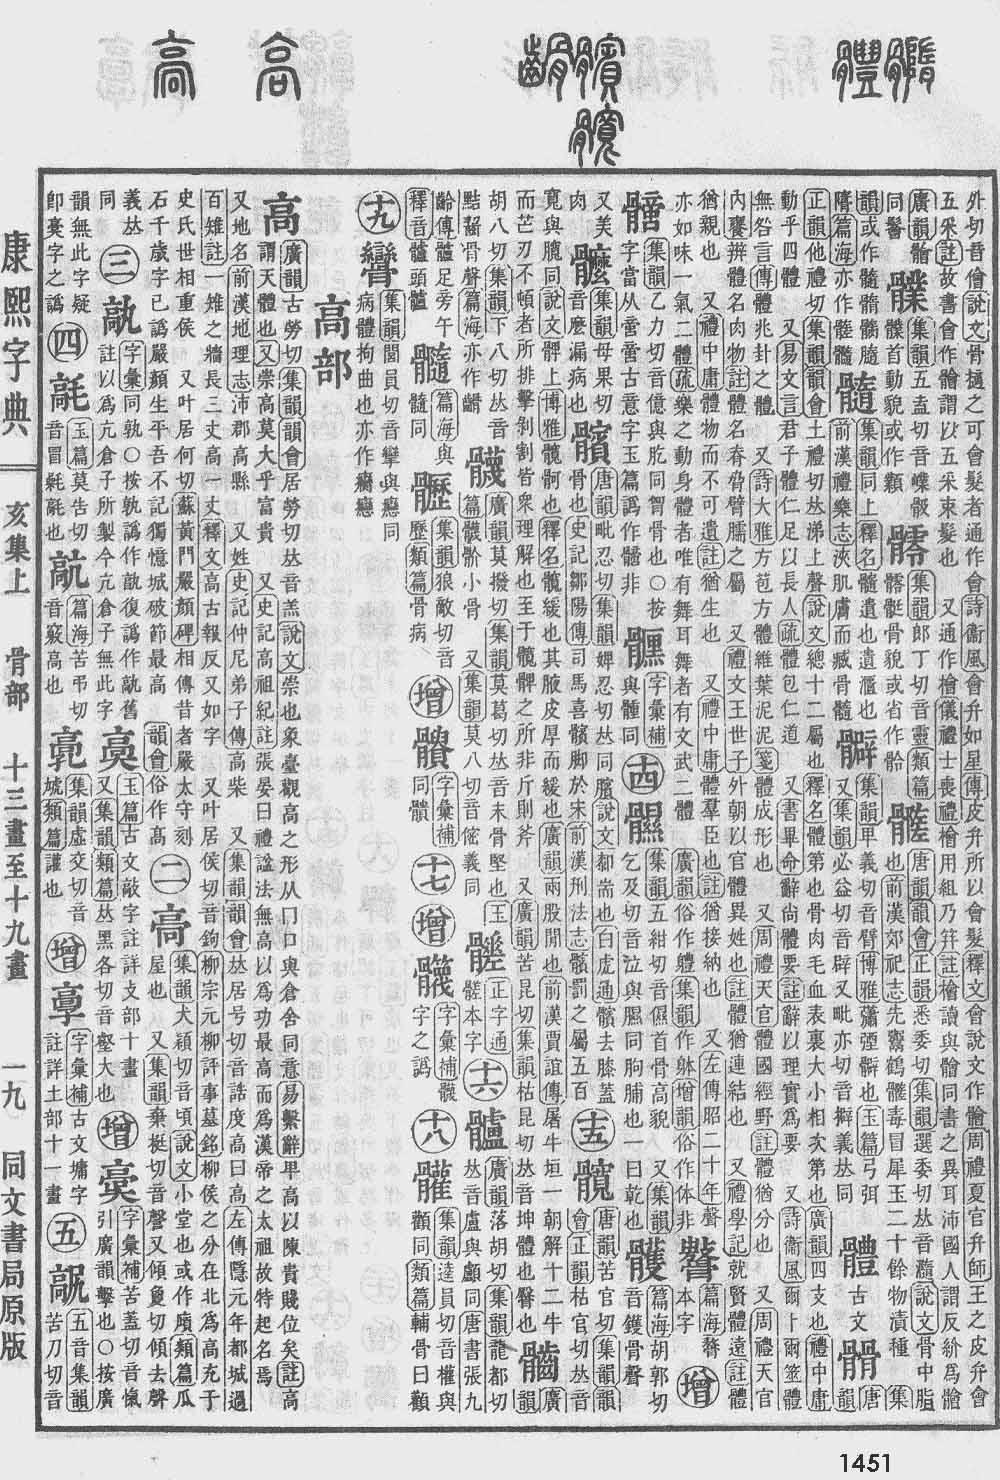 《康熙字典》第1451页